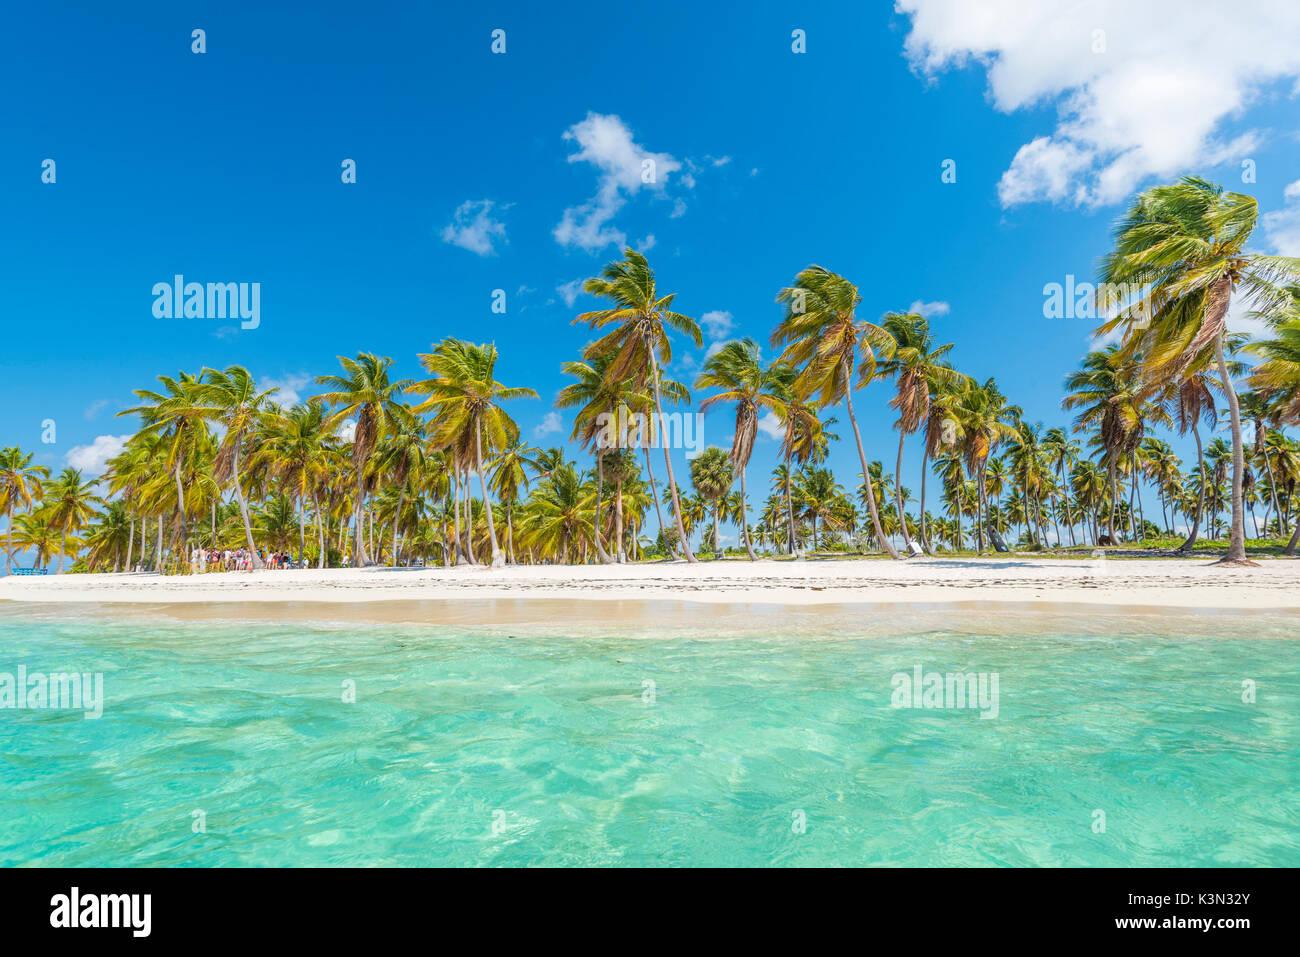 Canto de la Playa, l'île de Saona, à l'Est Parc National (Parque Nacional del Este), la République dominicaine, la mer des Caraïbes. Photo Stock